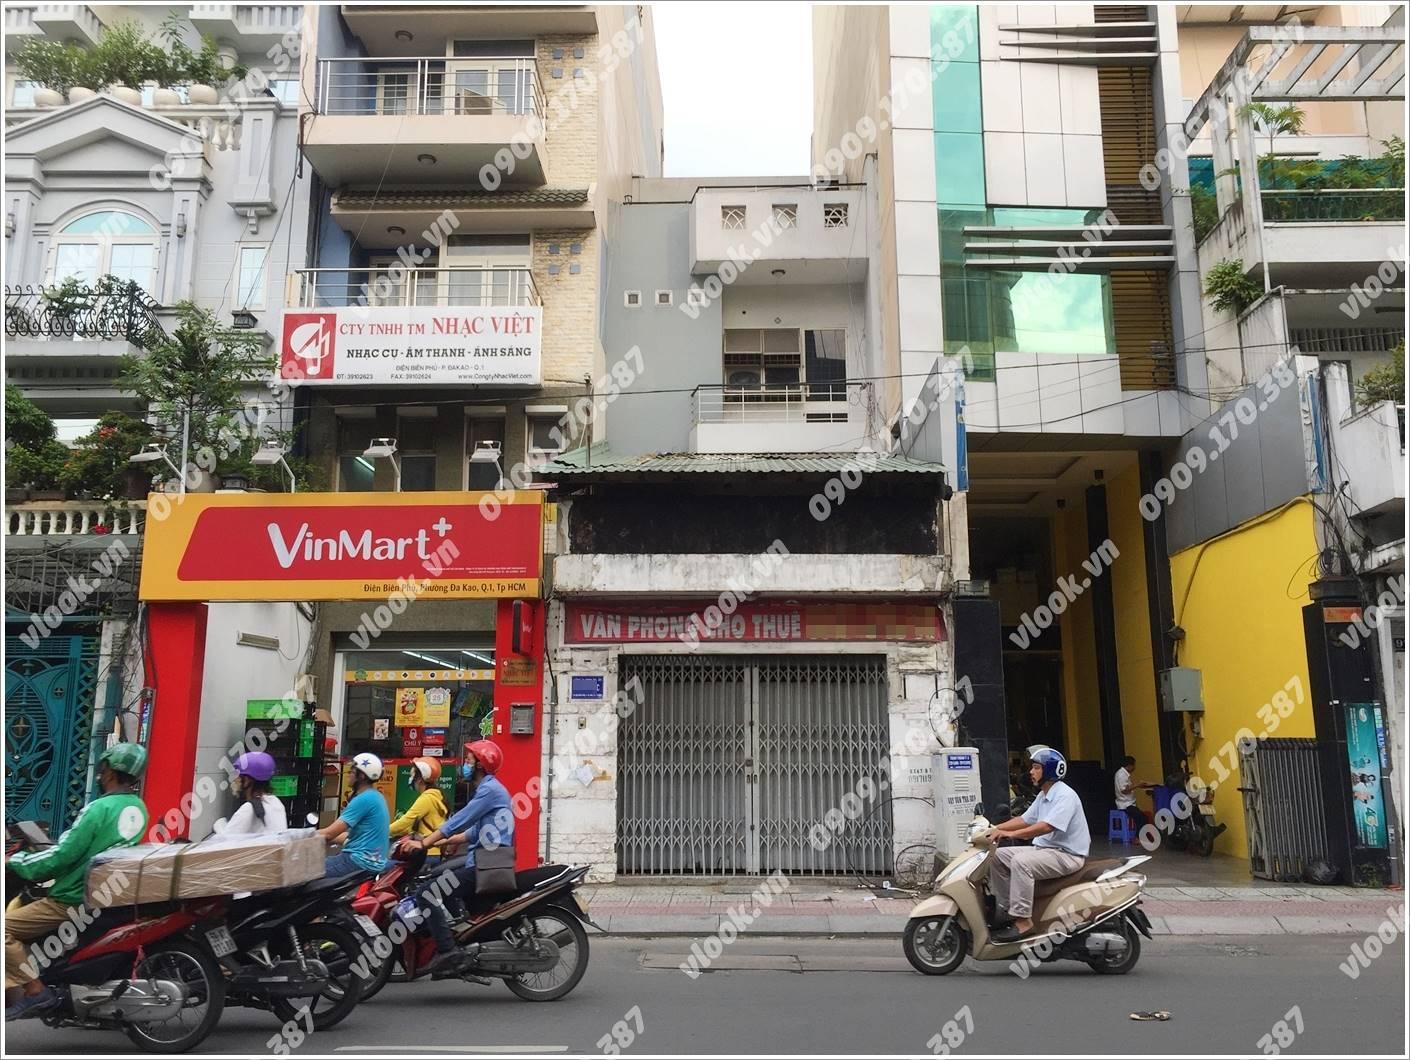 Cao ốc cho thuê văn phòng Building 93, Điện Biên Phủ, Quận 1, TPHCM - vlook.vn